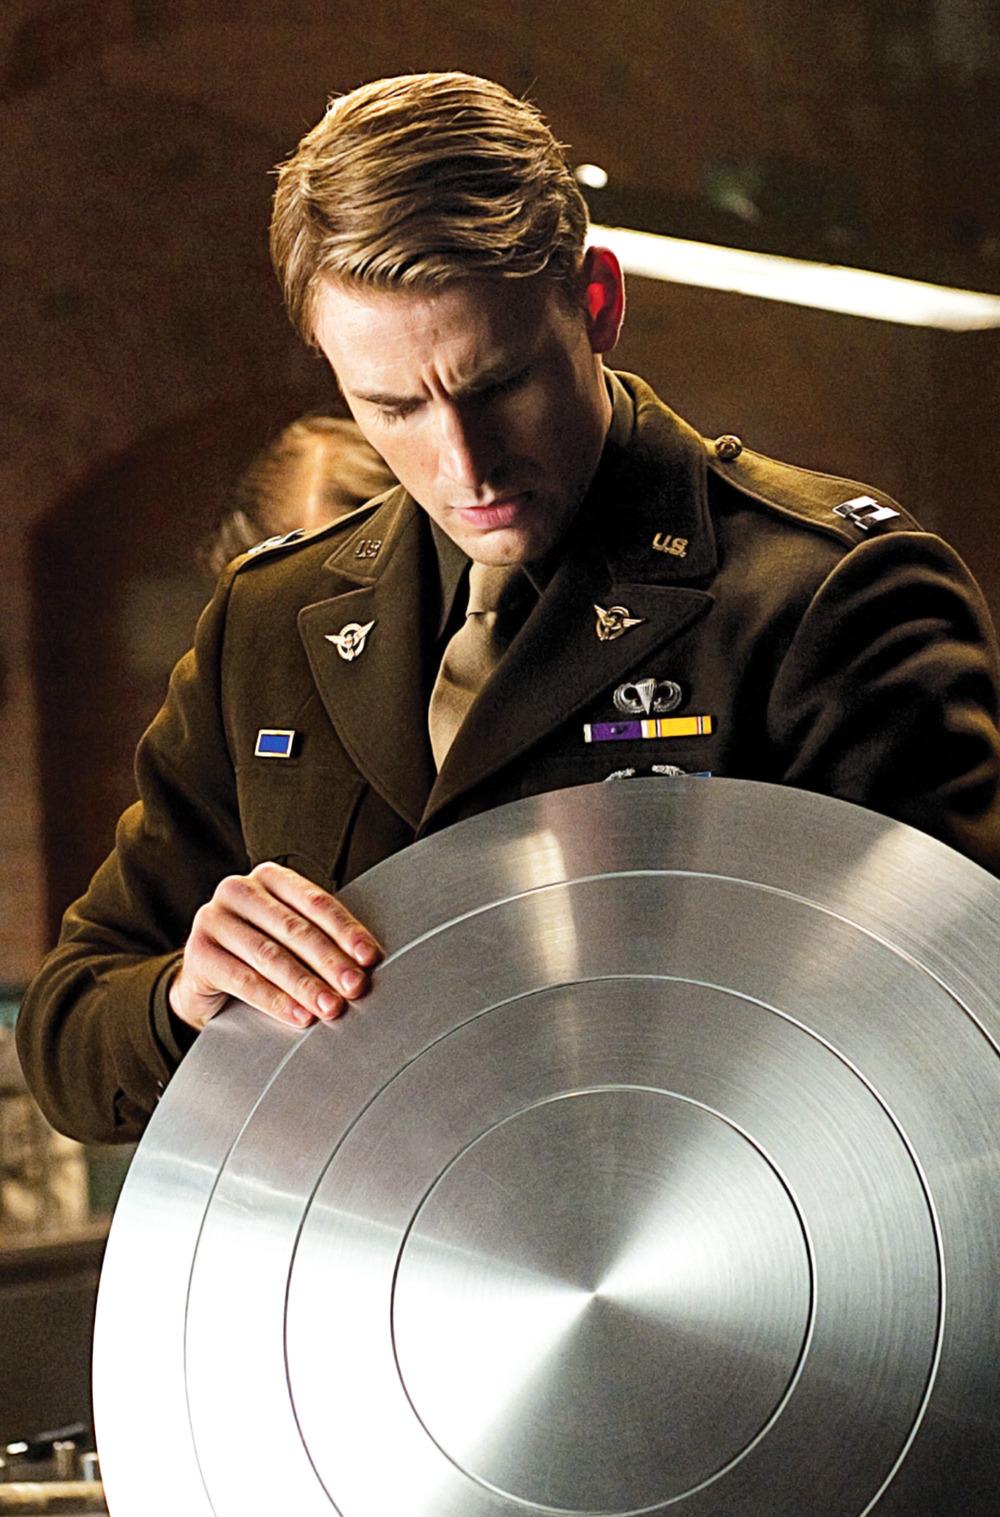 Chris Evans Marvel movie stills Captain America: The First Avenger (2011)